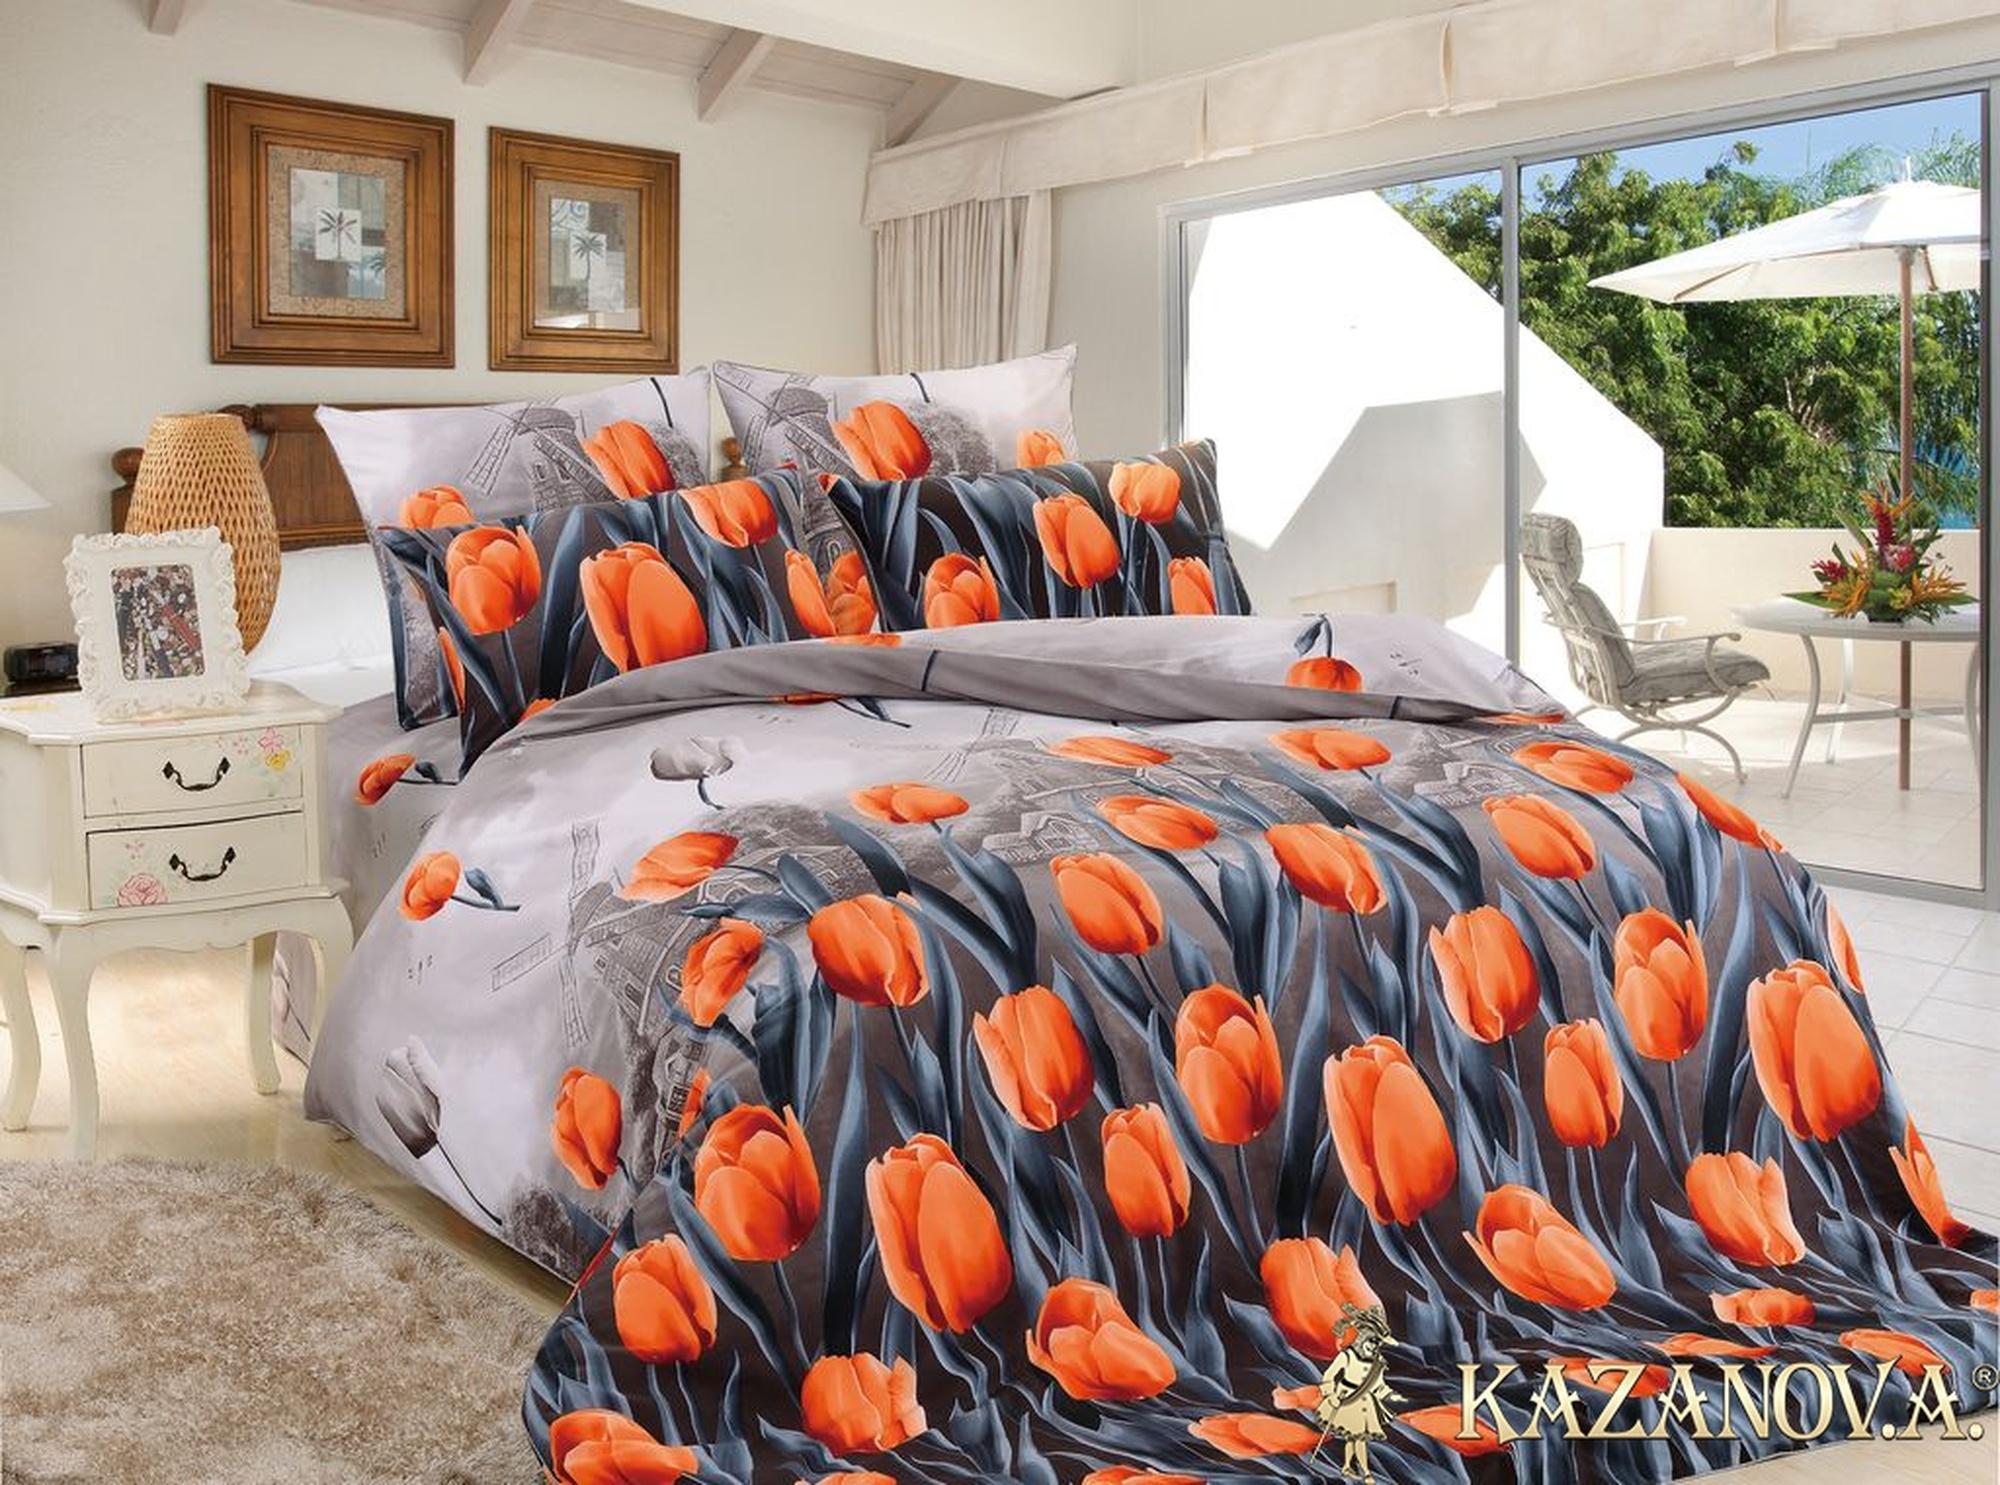 KAZANOV.A Аллегретто (антрацит) цветы Комплект постельного белья евро, 6 предметов